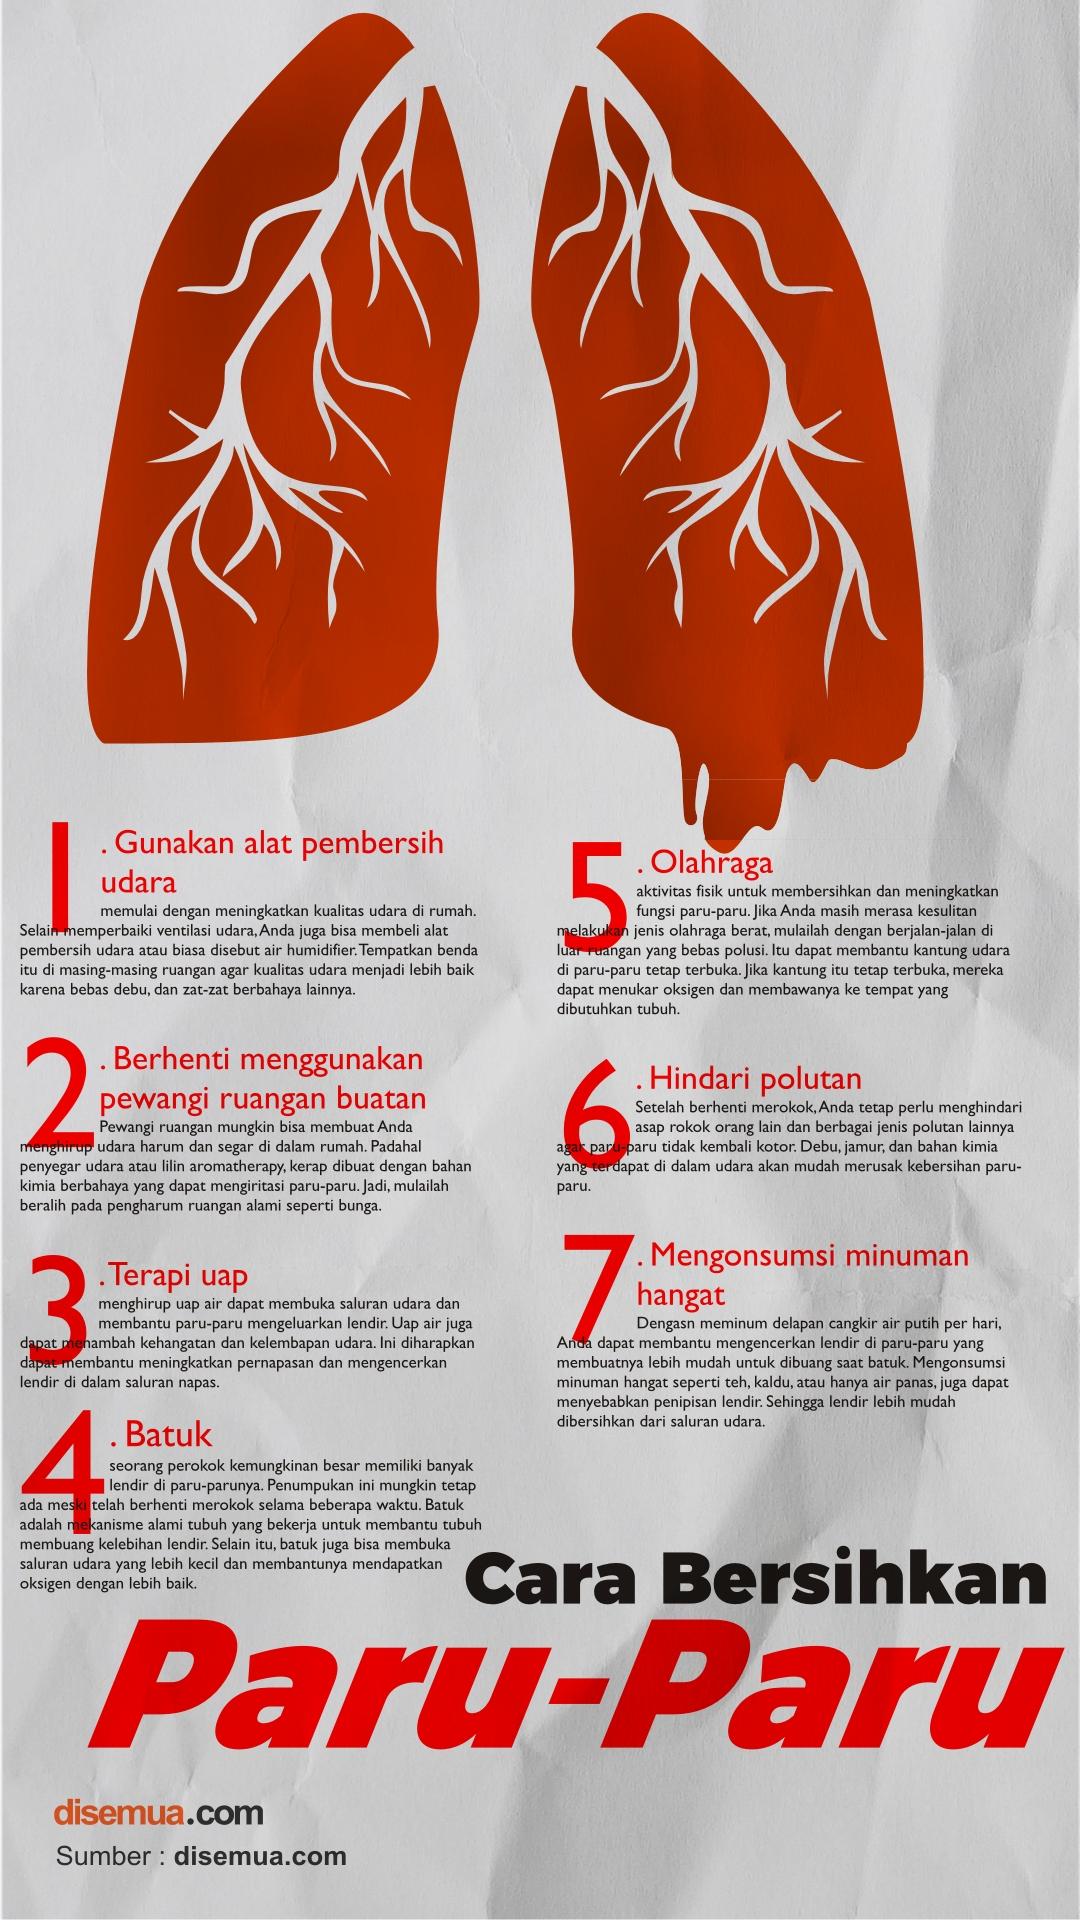 Cara Bersihkan Paru-paru